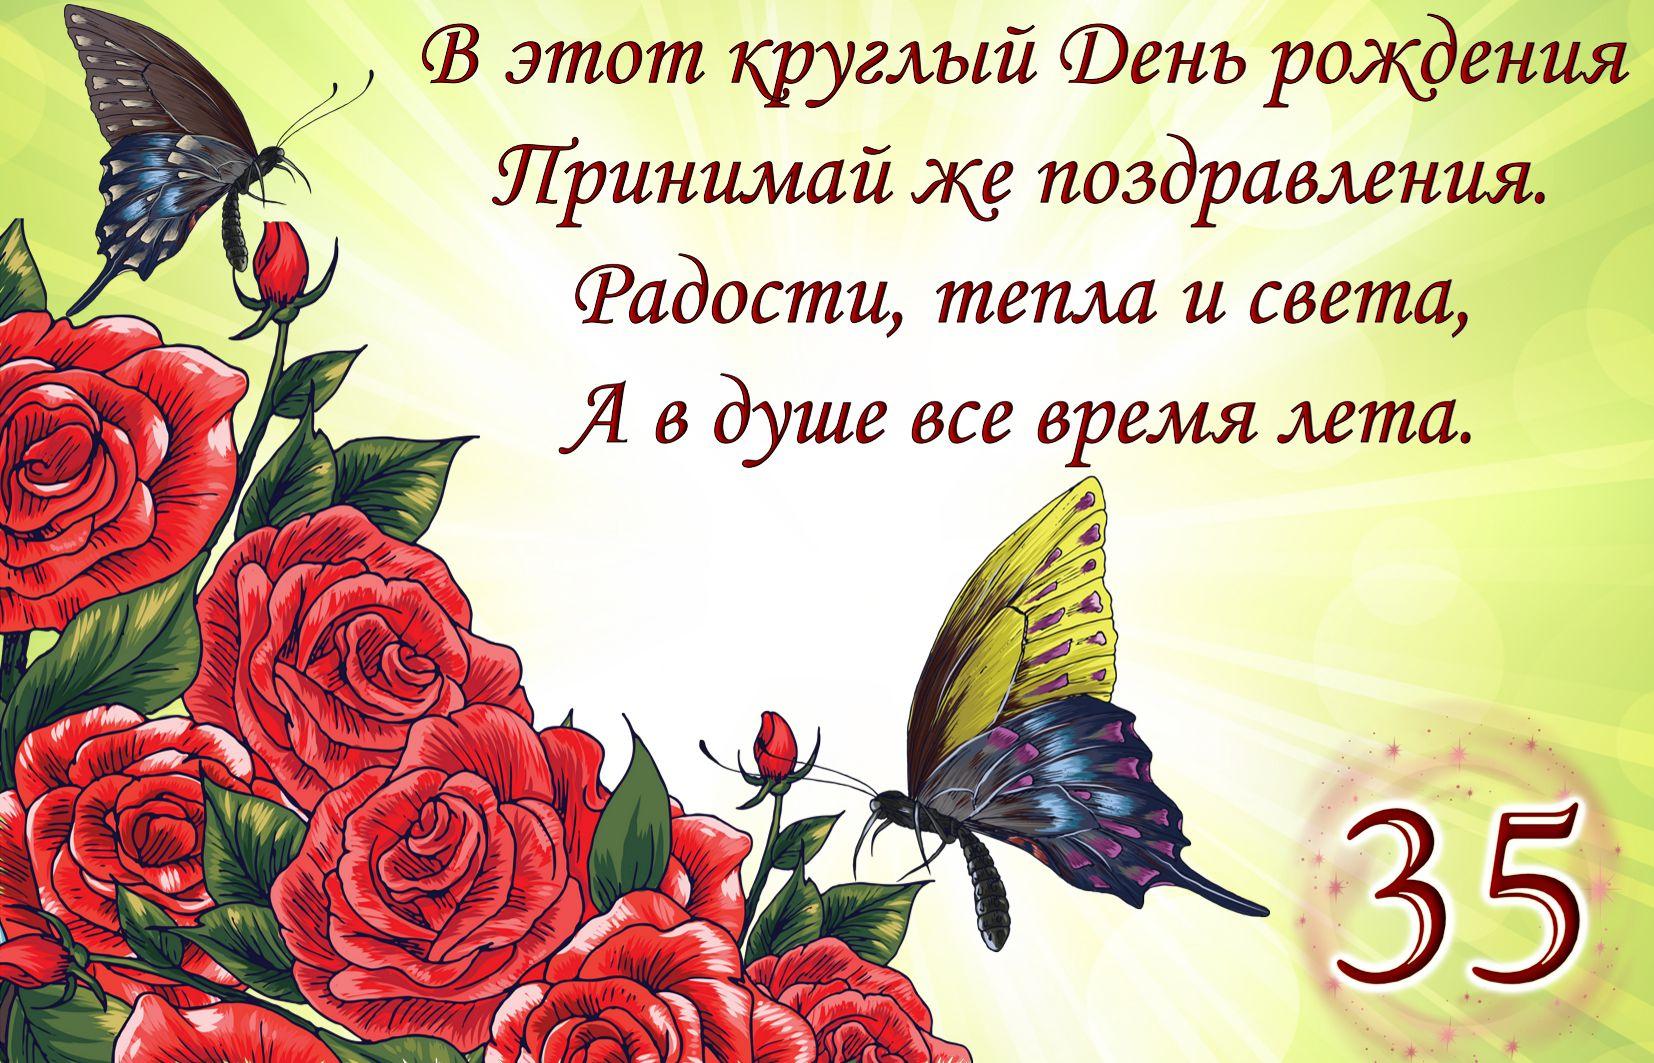 Открытка на юбилей 35 лет - бабочки на розах и красивое пожелание